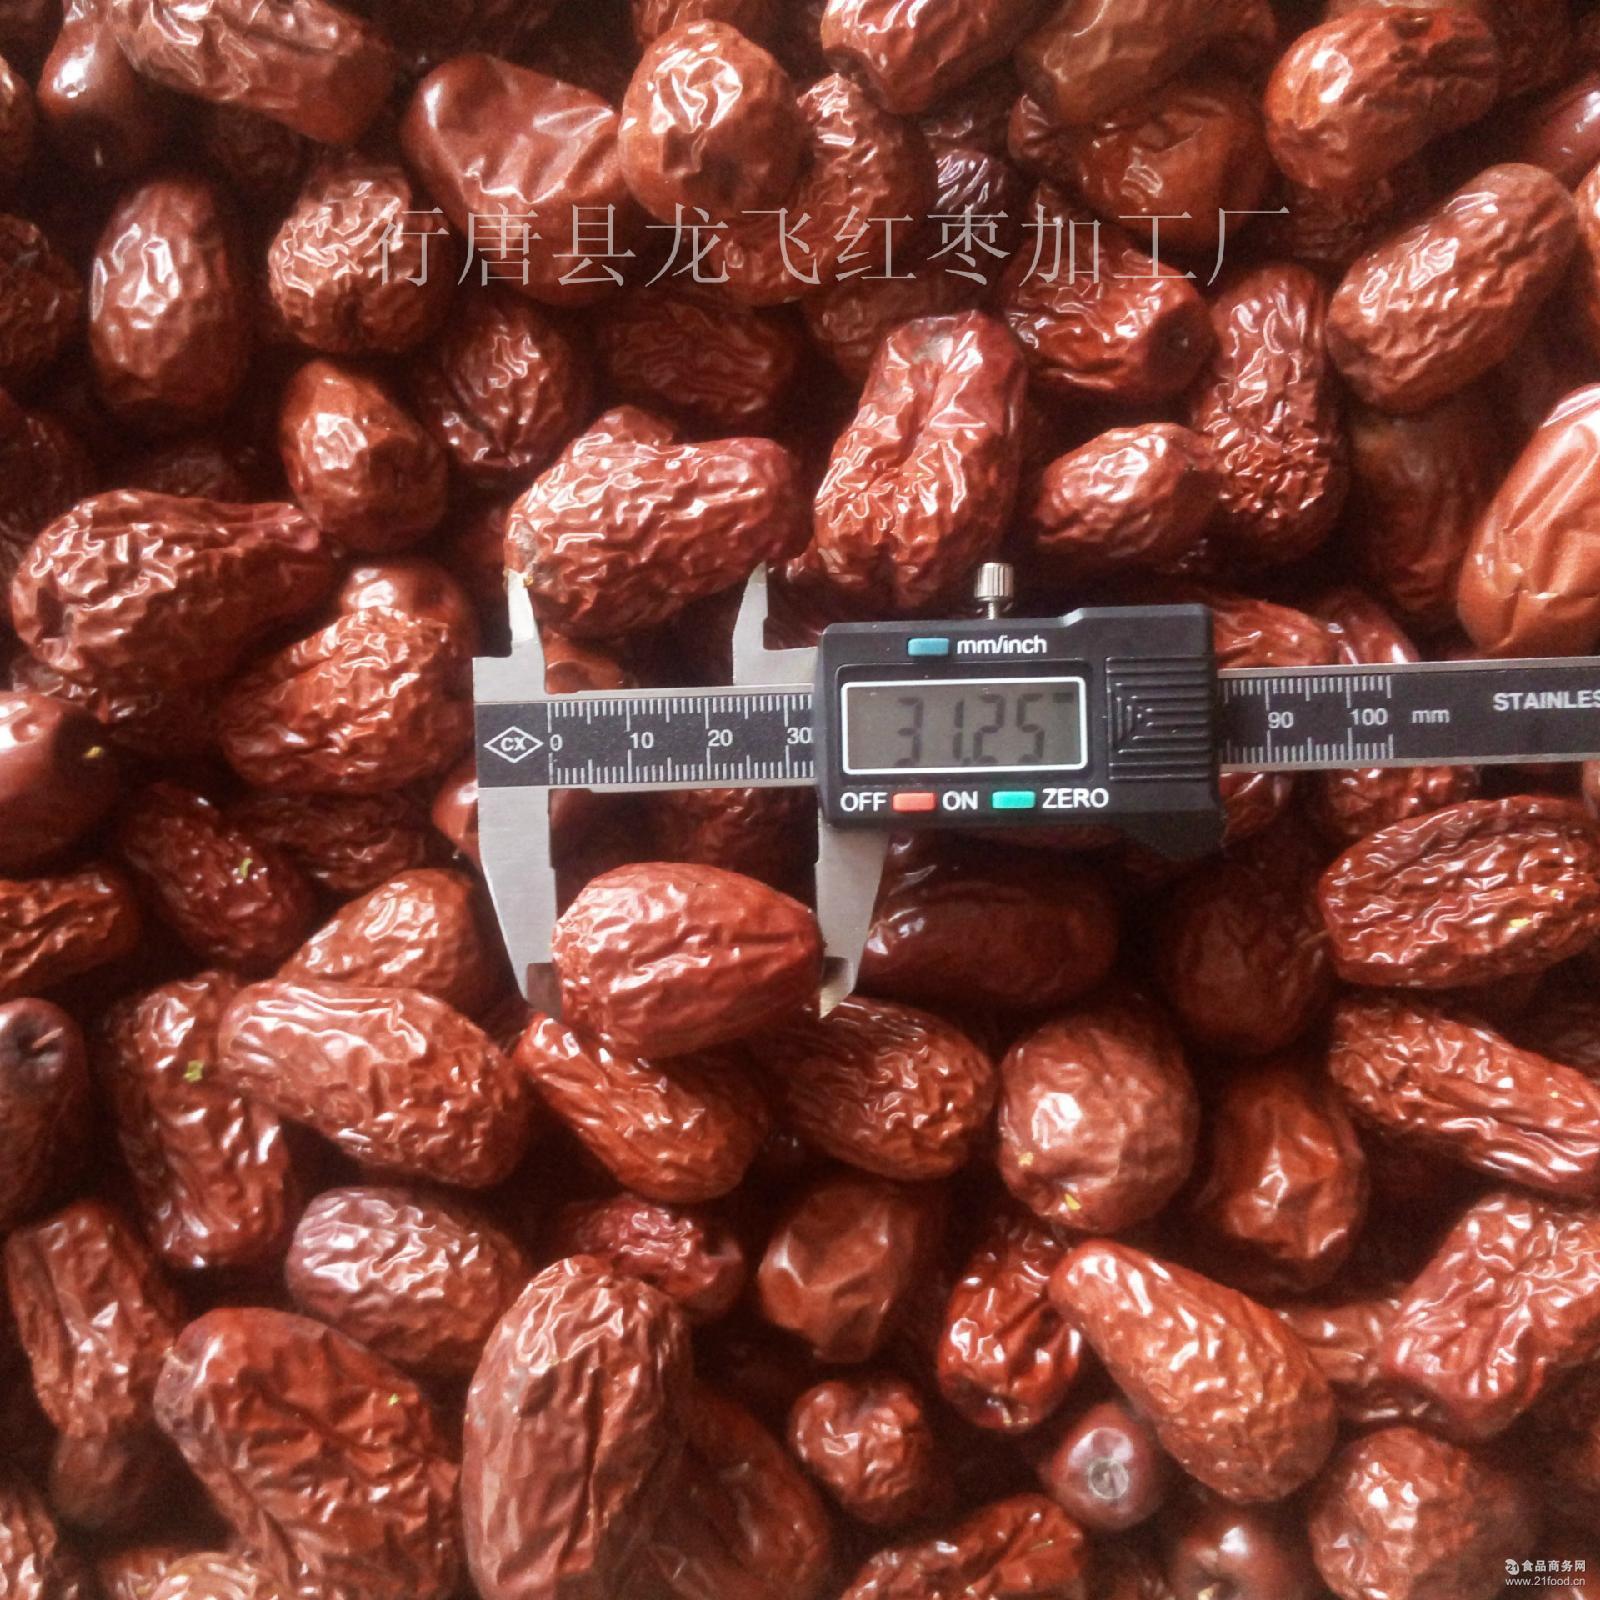 新疆四级皮皮枣 打豆浆泡茶专用 四级皮皮枣 跑江湖枣 熬药煮粥